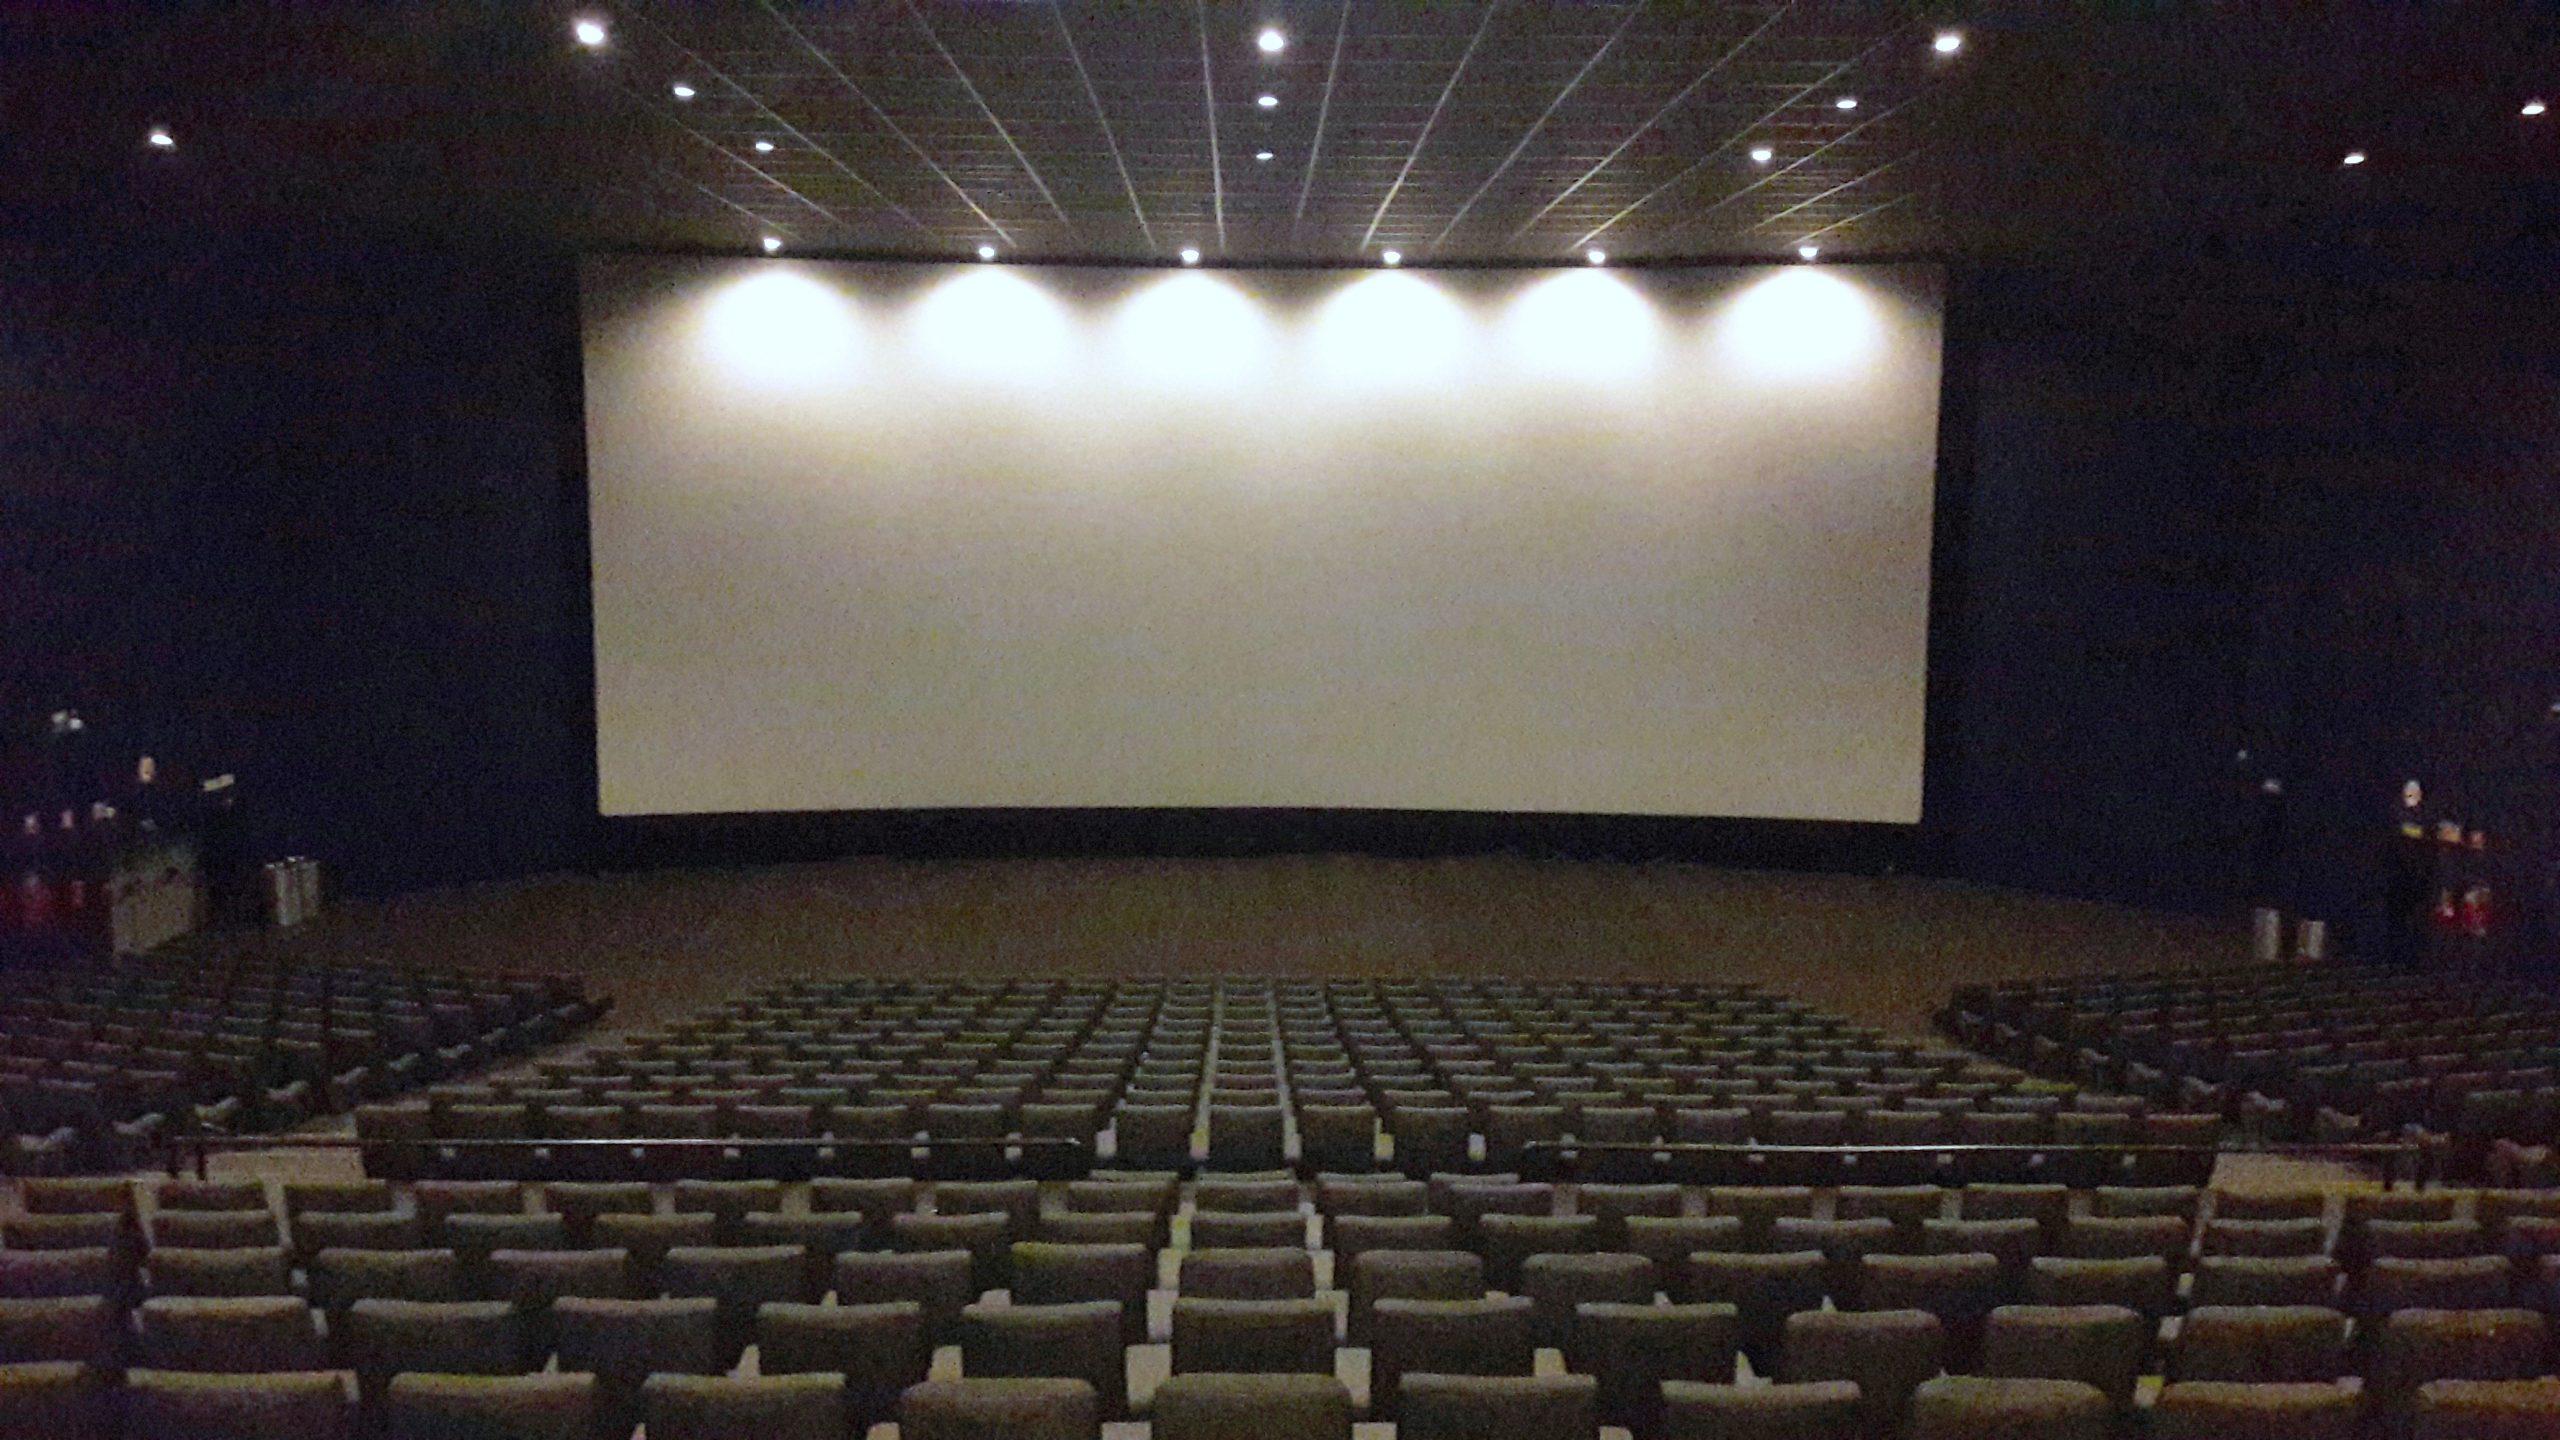 座席数が多い映画館ランキング